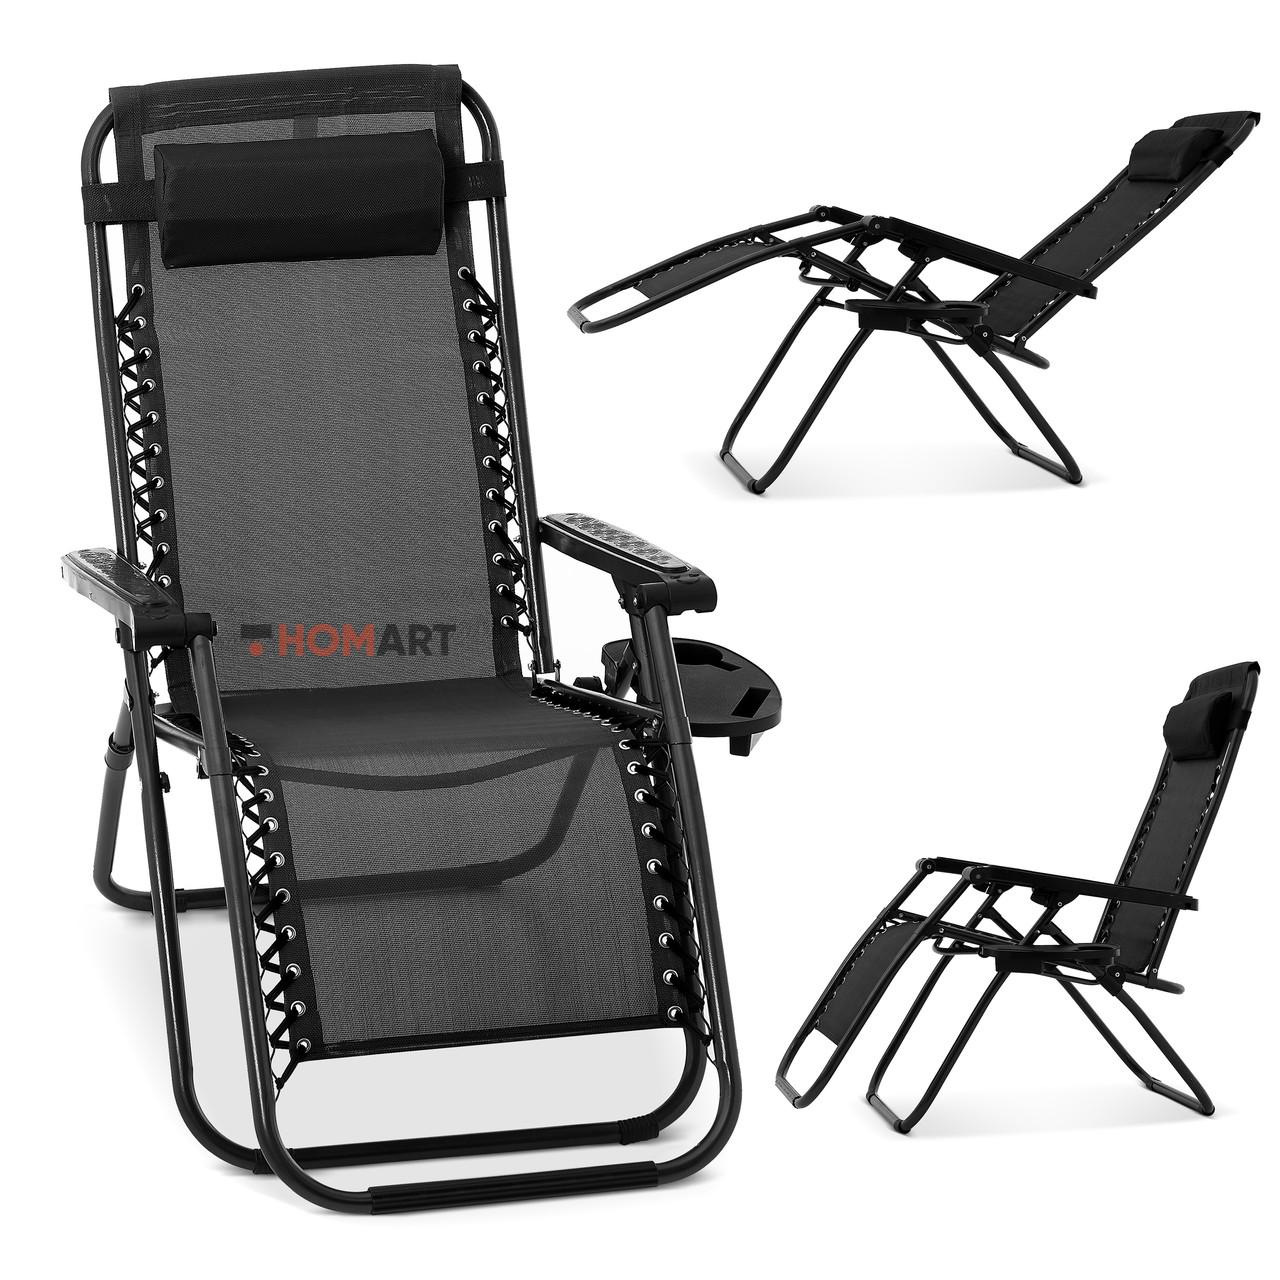 Крісло шезлонг розкладний Homart ZGC-001 120 кг + підсклянник чорний (9396)